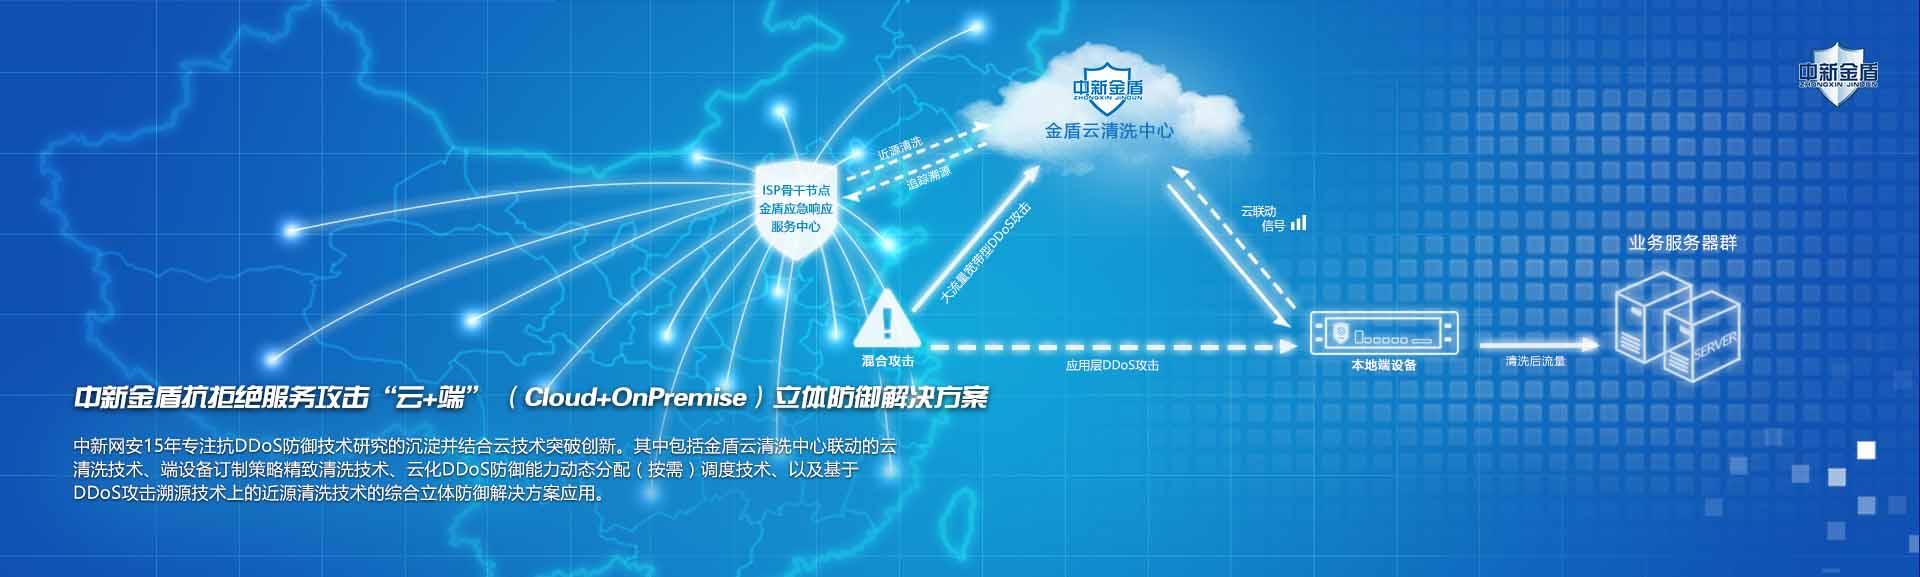 """中新金盾抗拒绝服务攻击""""云+端""""立体防御平台-安道者"""